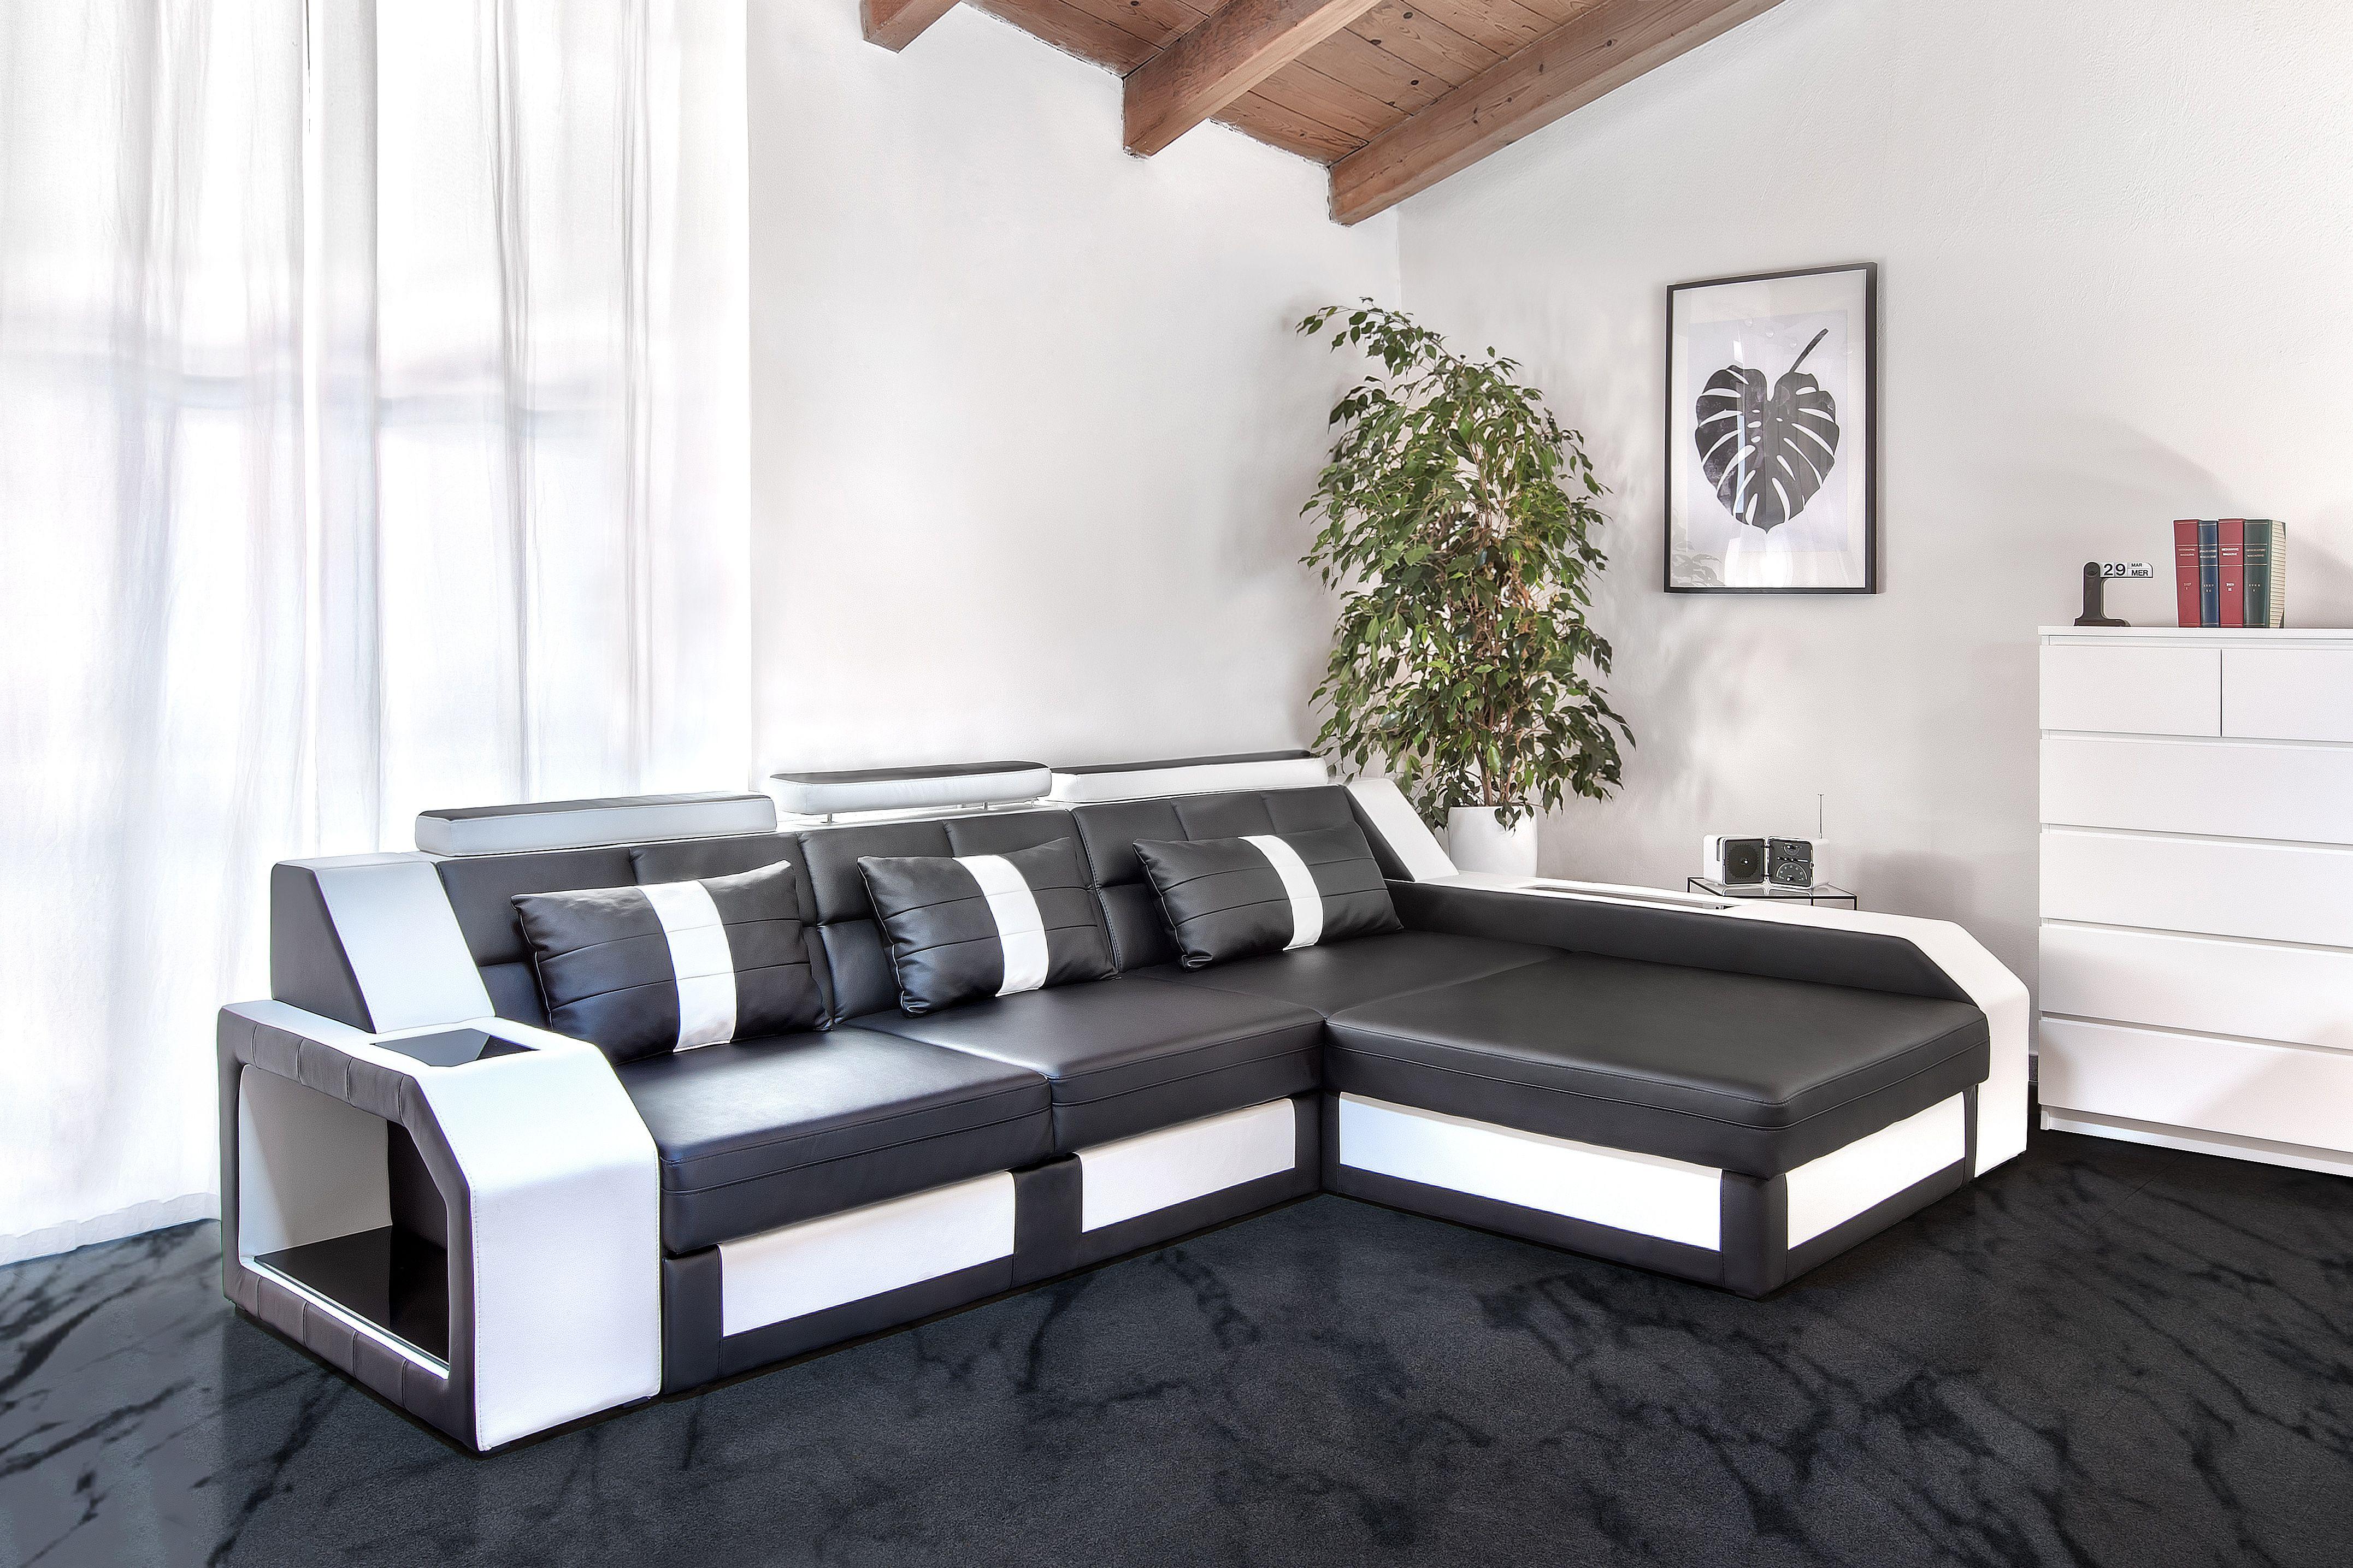 Divano Nero E Bianco : Antares divano angolare nero e bianco disponibile in diversi